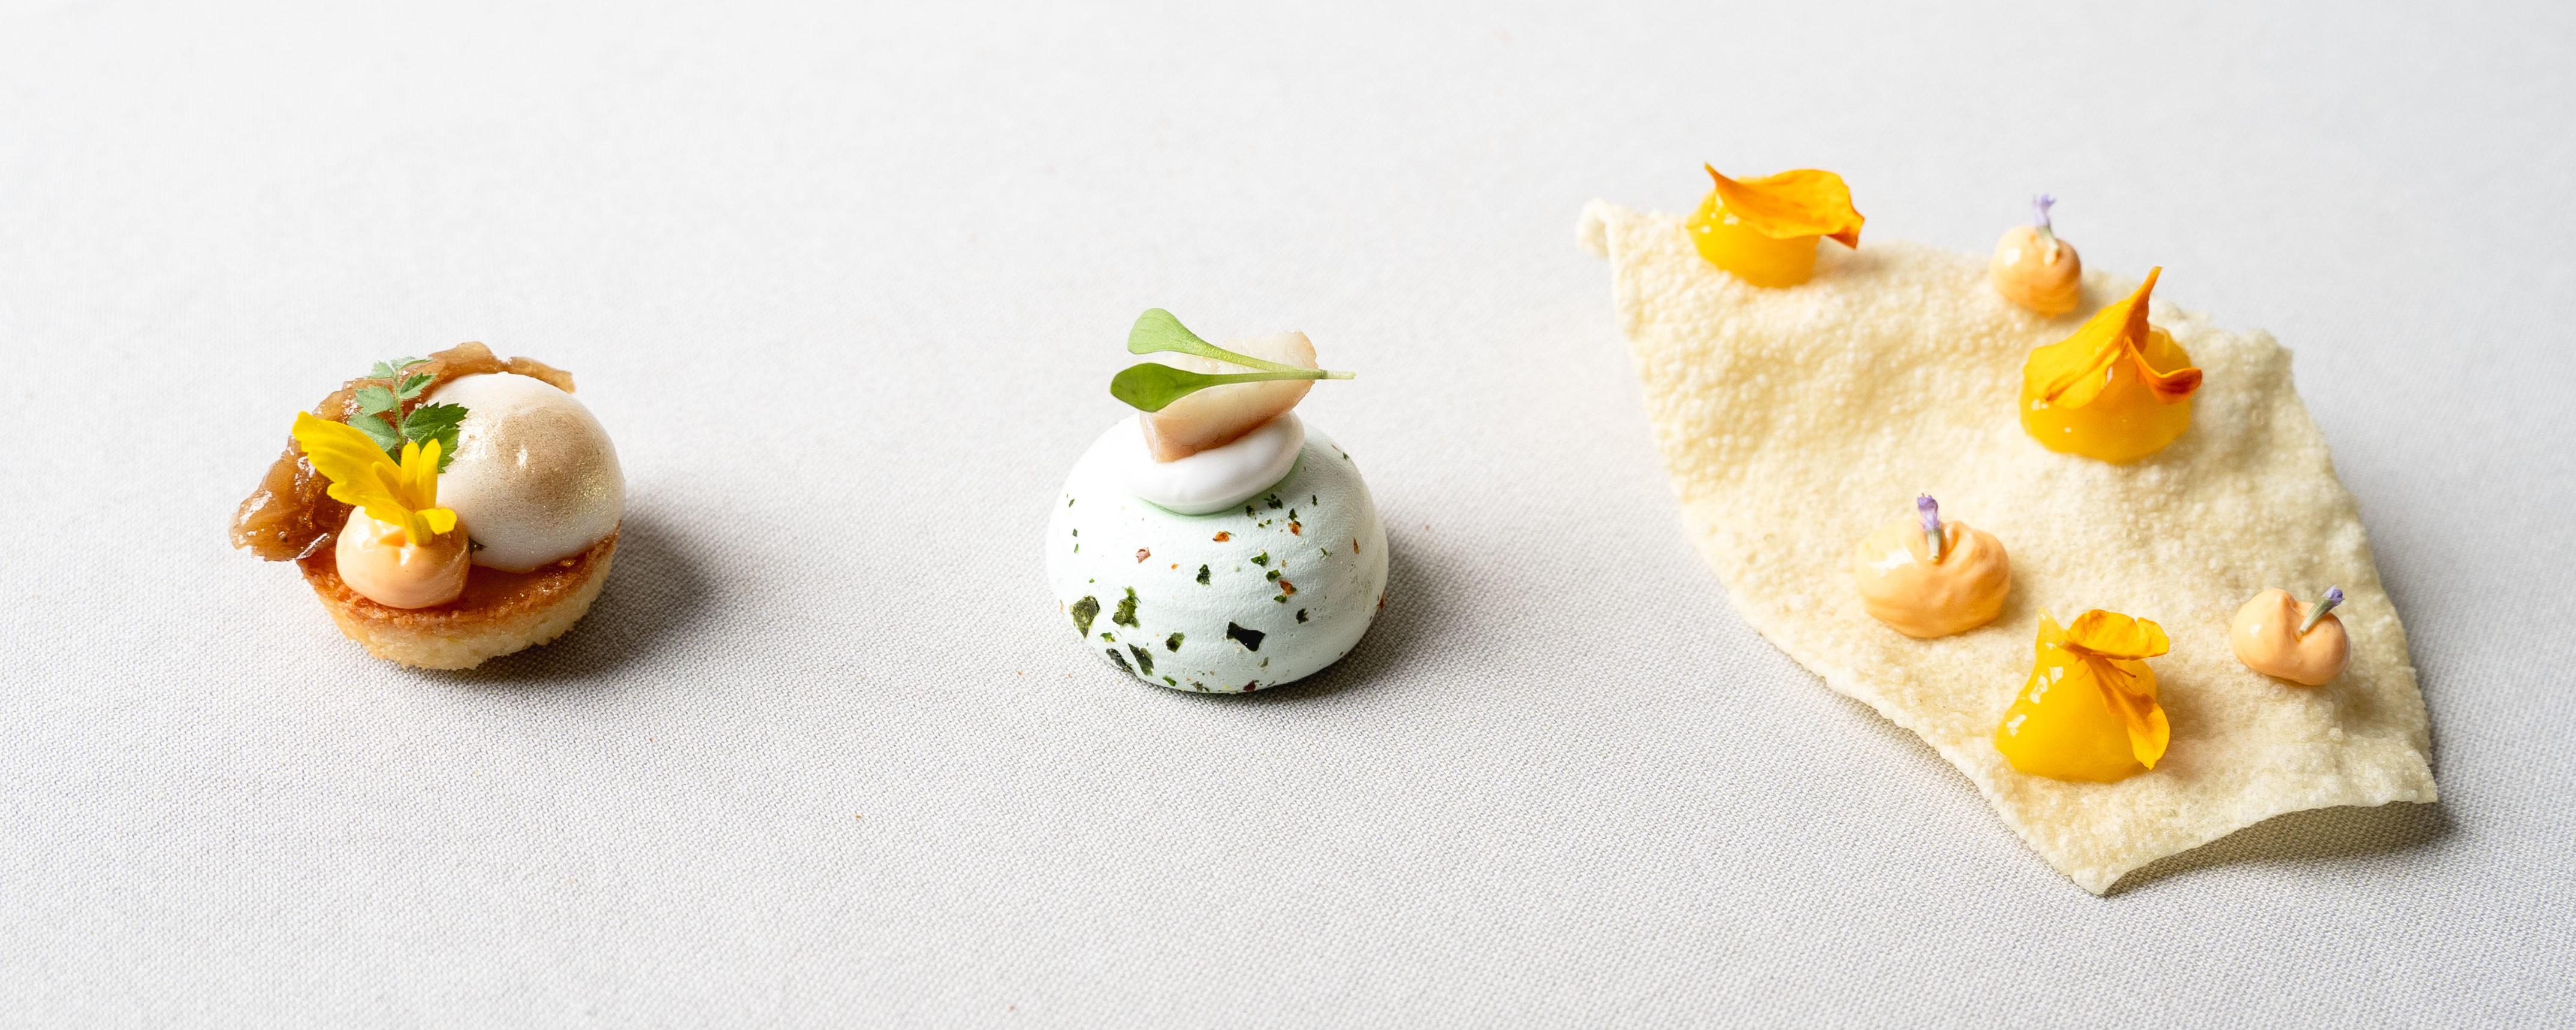 De menukaart van Sense hanteert al jaren de filosofie van Dutch Cuisine waarin groenten en seizoenen de hoofdrol spelen.